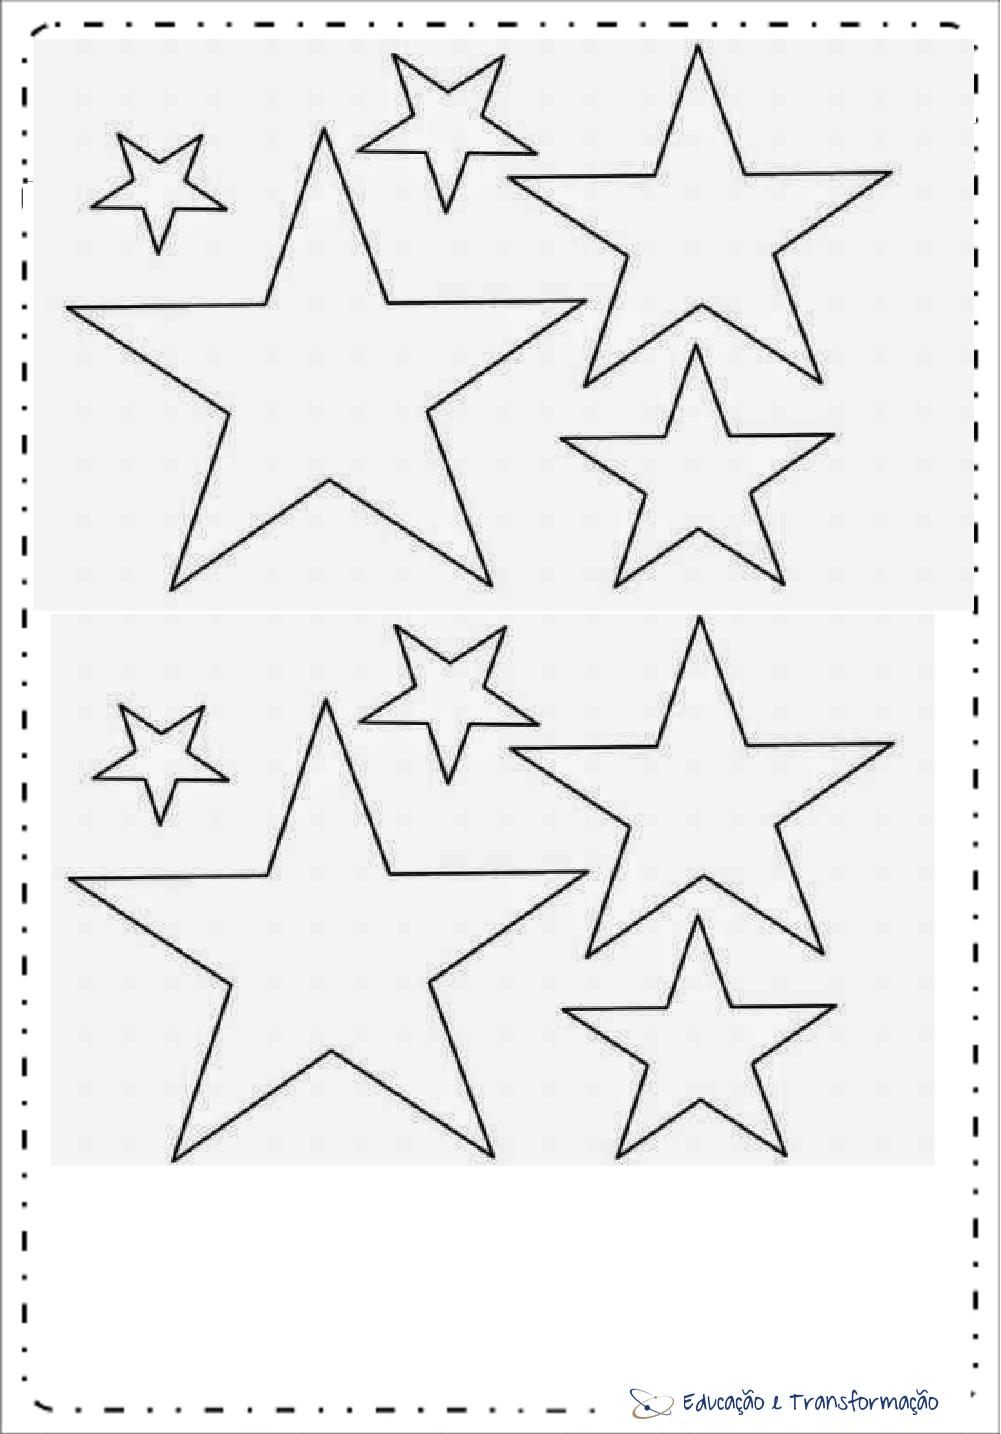 Moldes De Estrelas Para Imprimir – Educação E Transformação